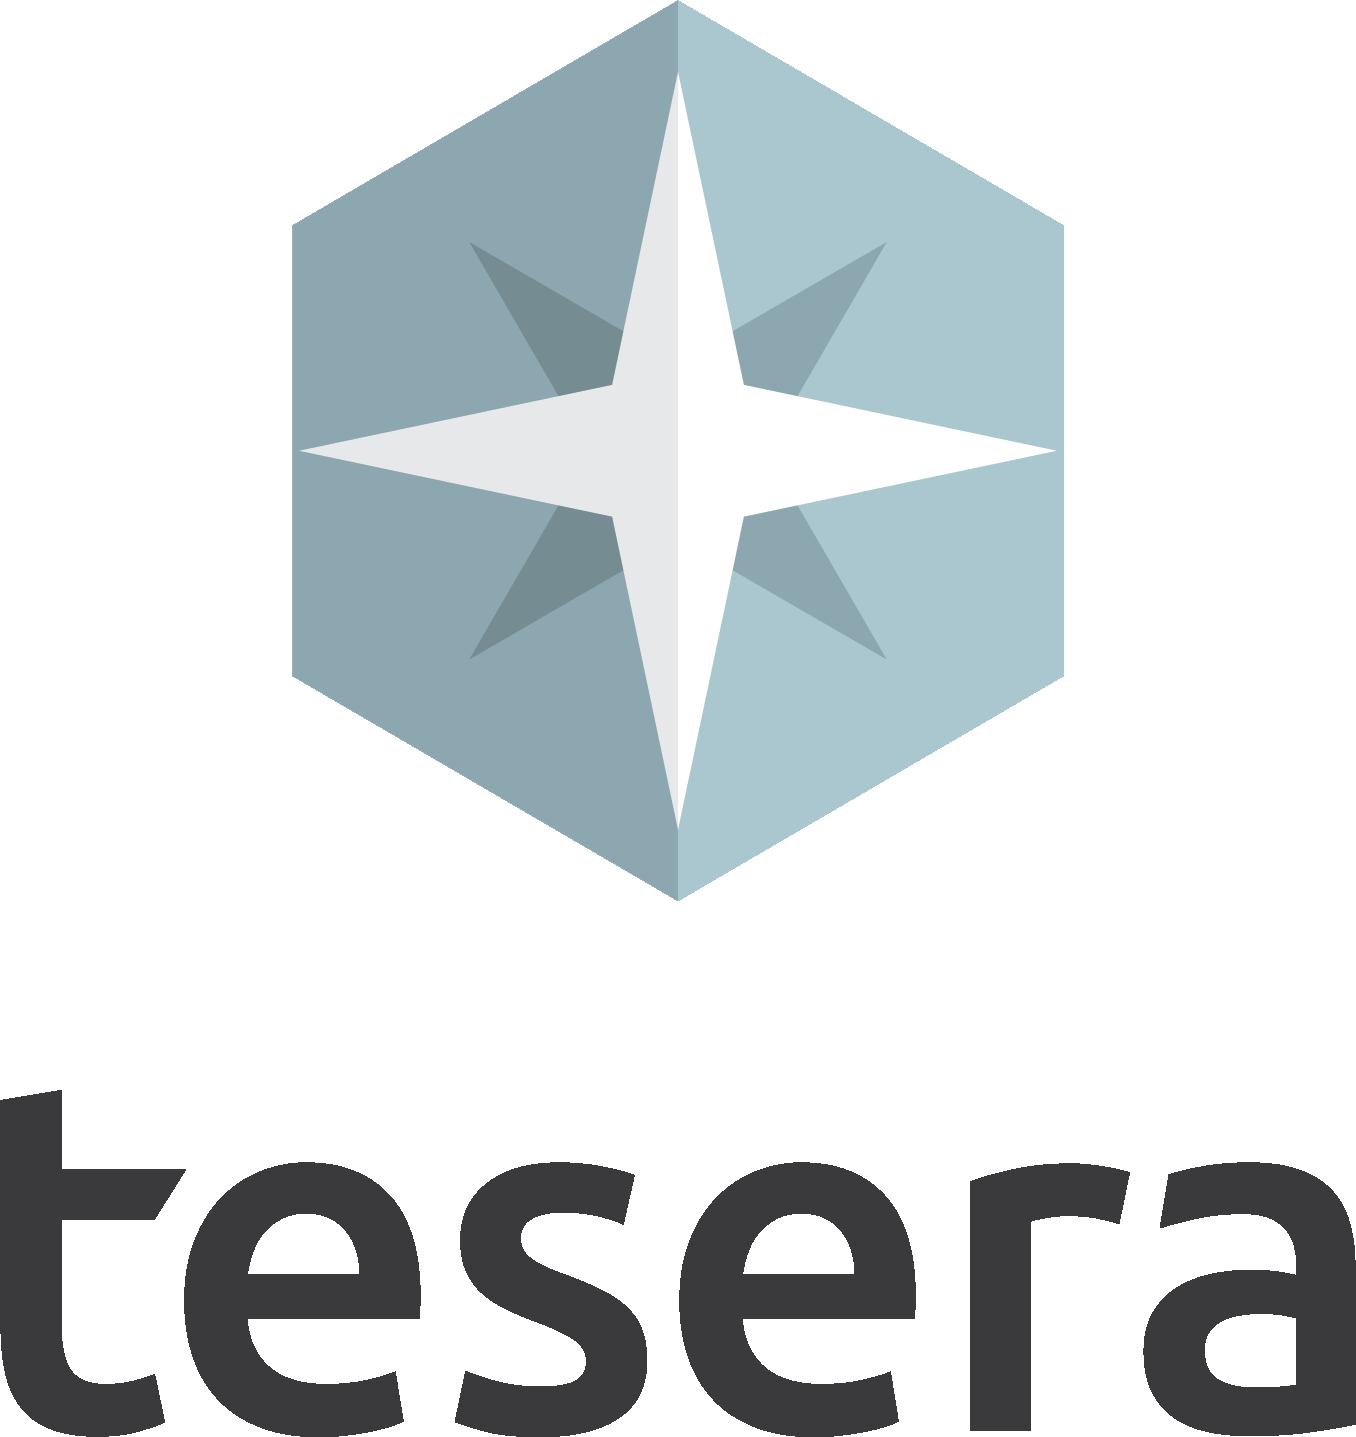 Tesera